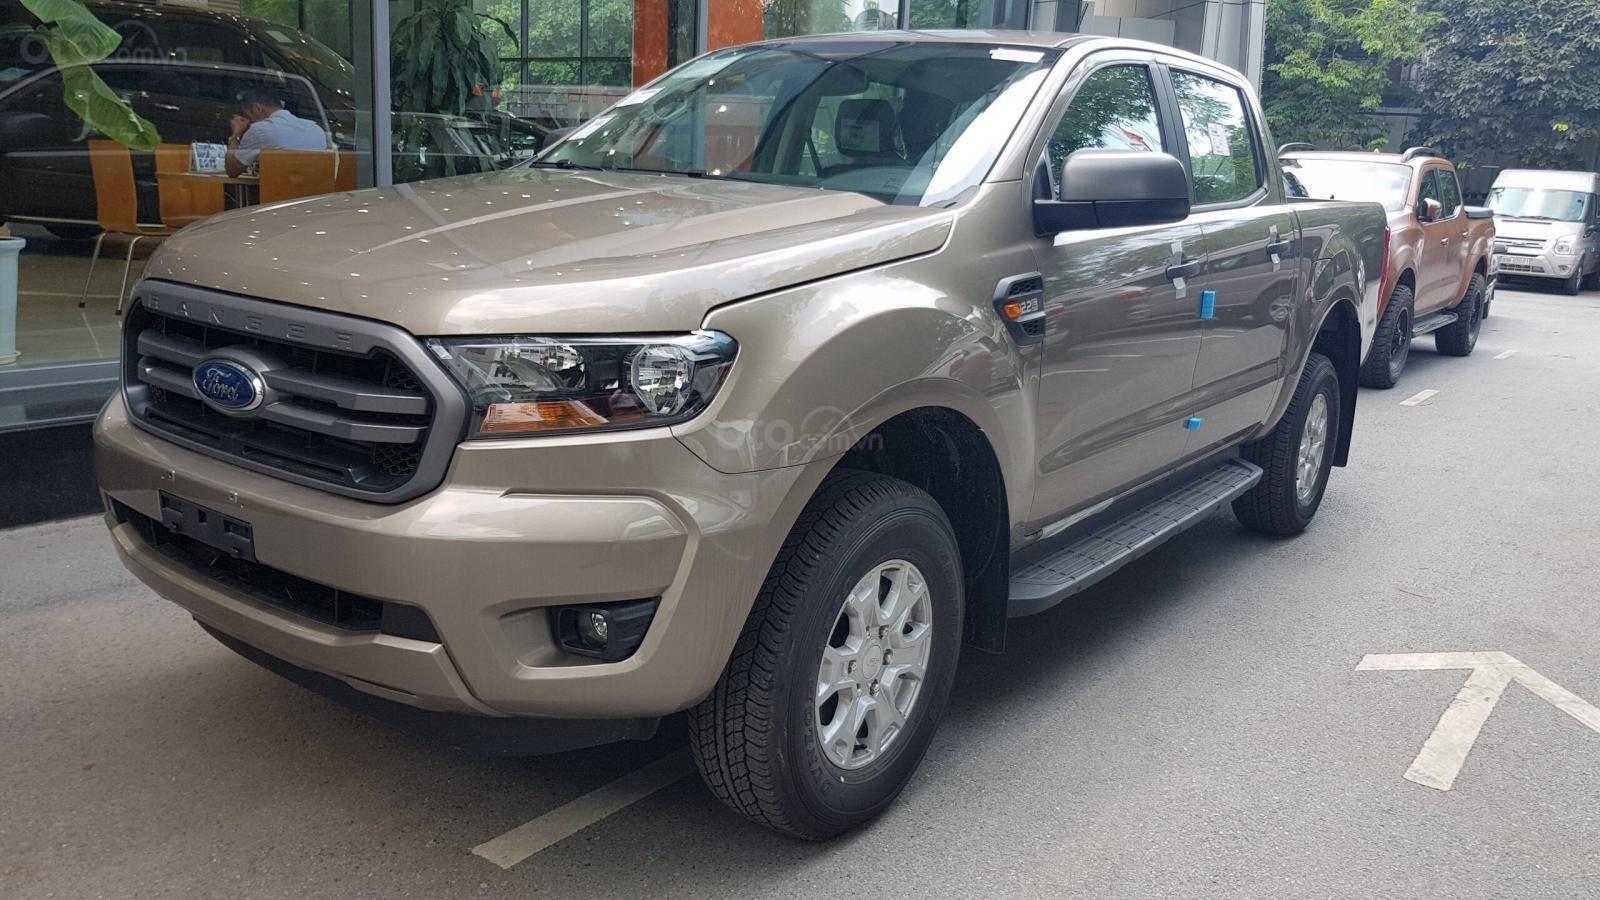 Ford Ranger XL, XLS, XLT, Wildtrak 2020 trả trước 160 triệu lấy xe ngay, giảm đến 70 triệu kèm nhiều phụ kiện hấp dẫn (4)